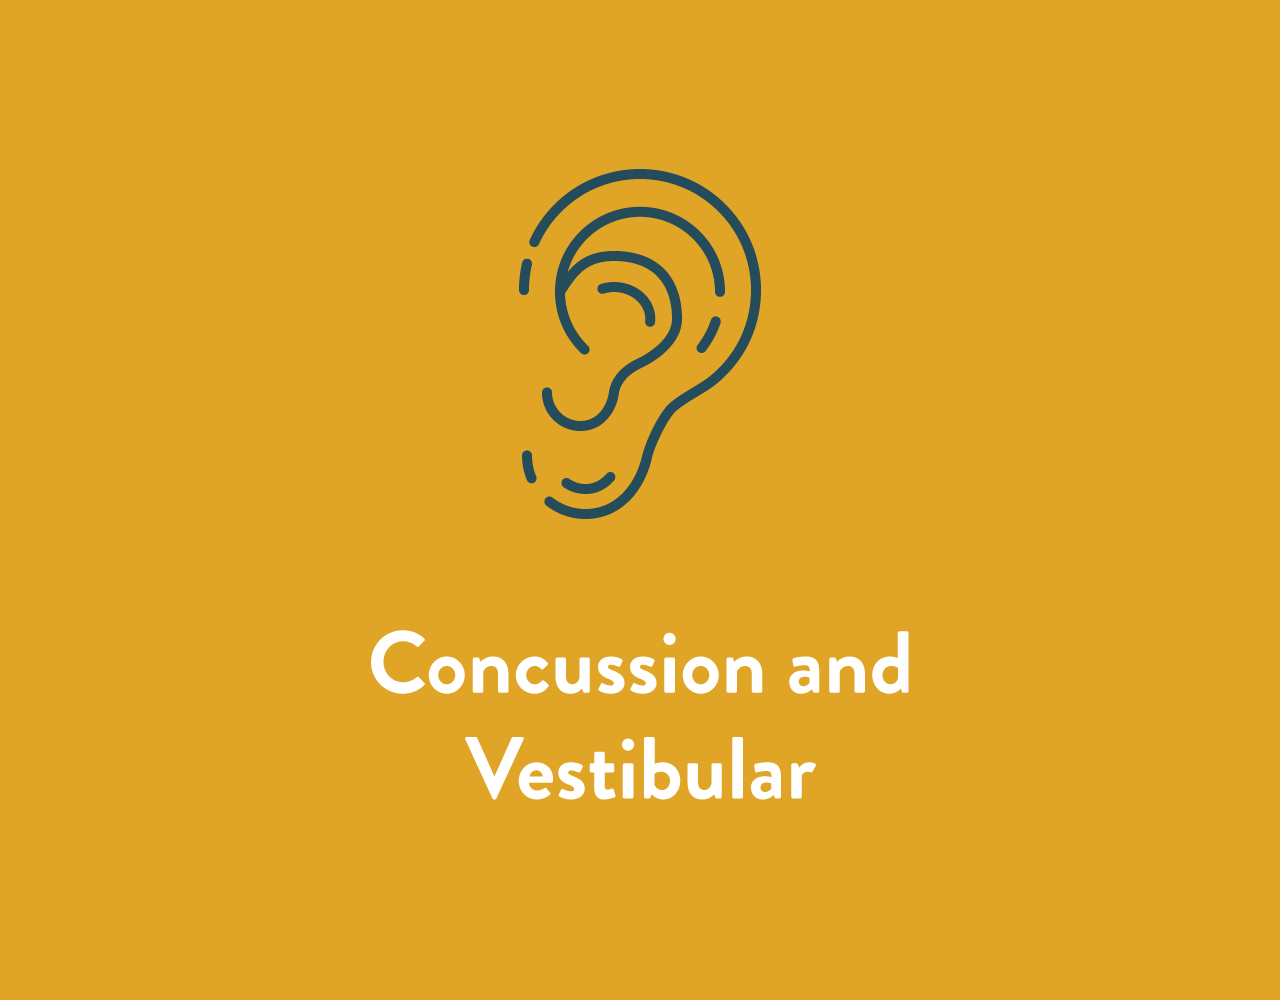 Concussion and Vestibular Service